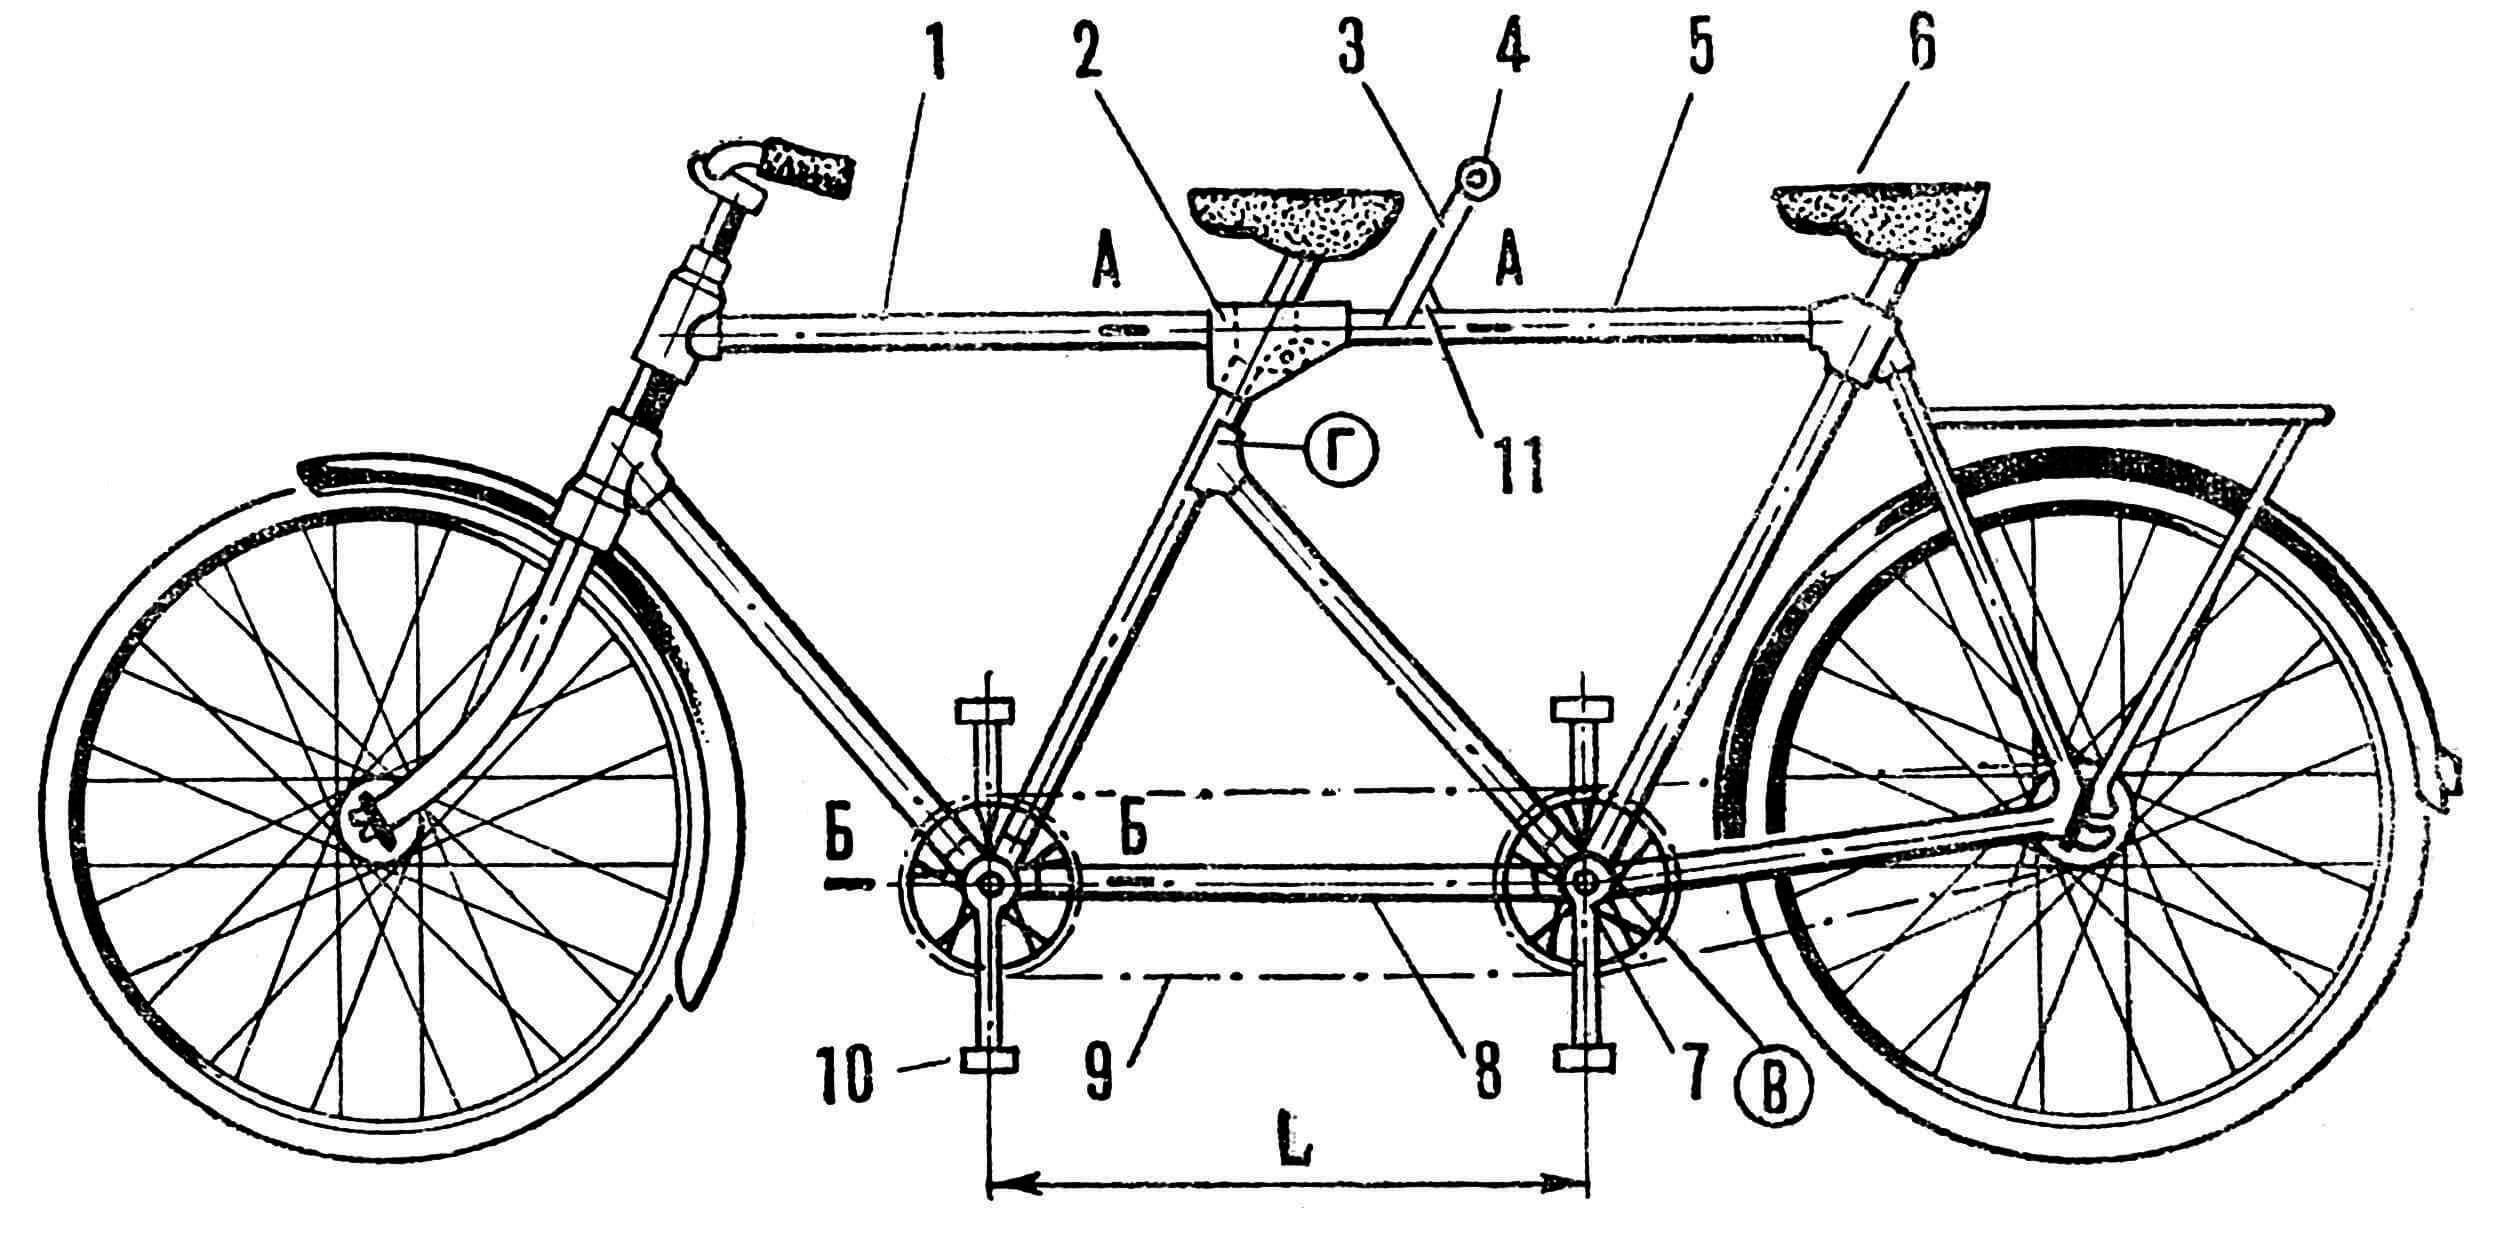 """1 — рама велосипеда; 2 — вставка; 3 — ось второго руля; 4 — второй руль; 5 — рама; 6 — второе седло; 7 — ось с подшипниками; 8 — труба ¾""""; 9 — цепь длиной 1800 мм (собрана из двух обычных велосипедных цепей); 10 — зубчатое колесо с педалями; 11 — косынка."""